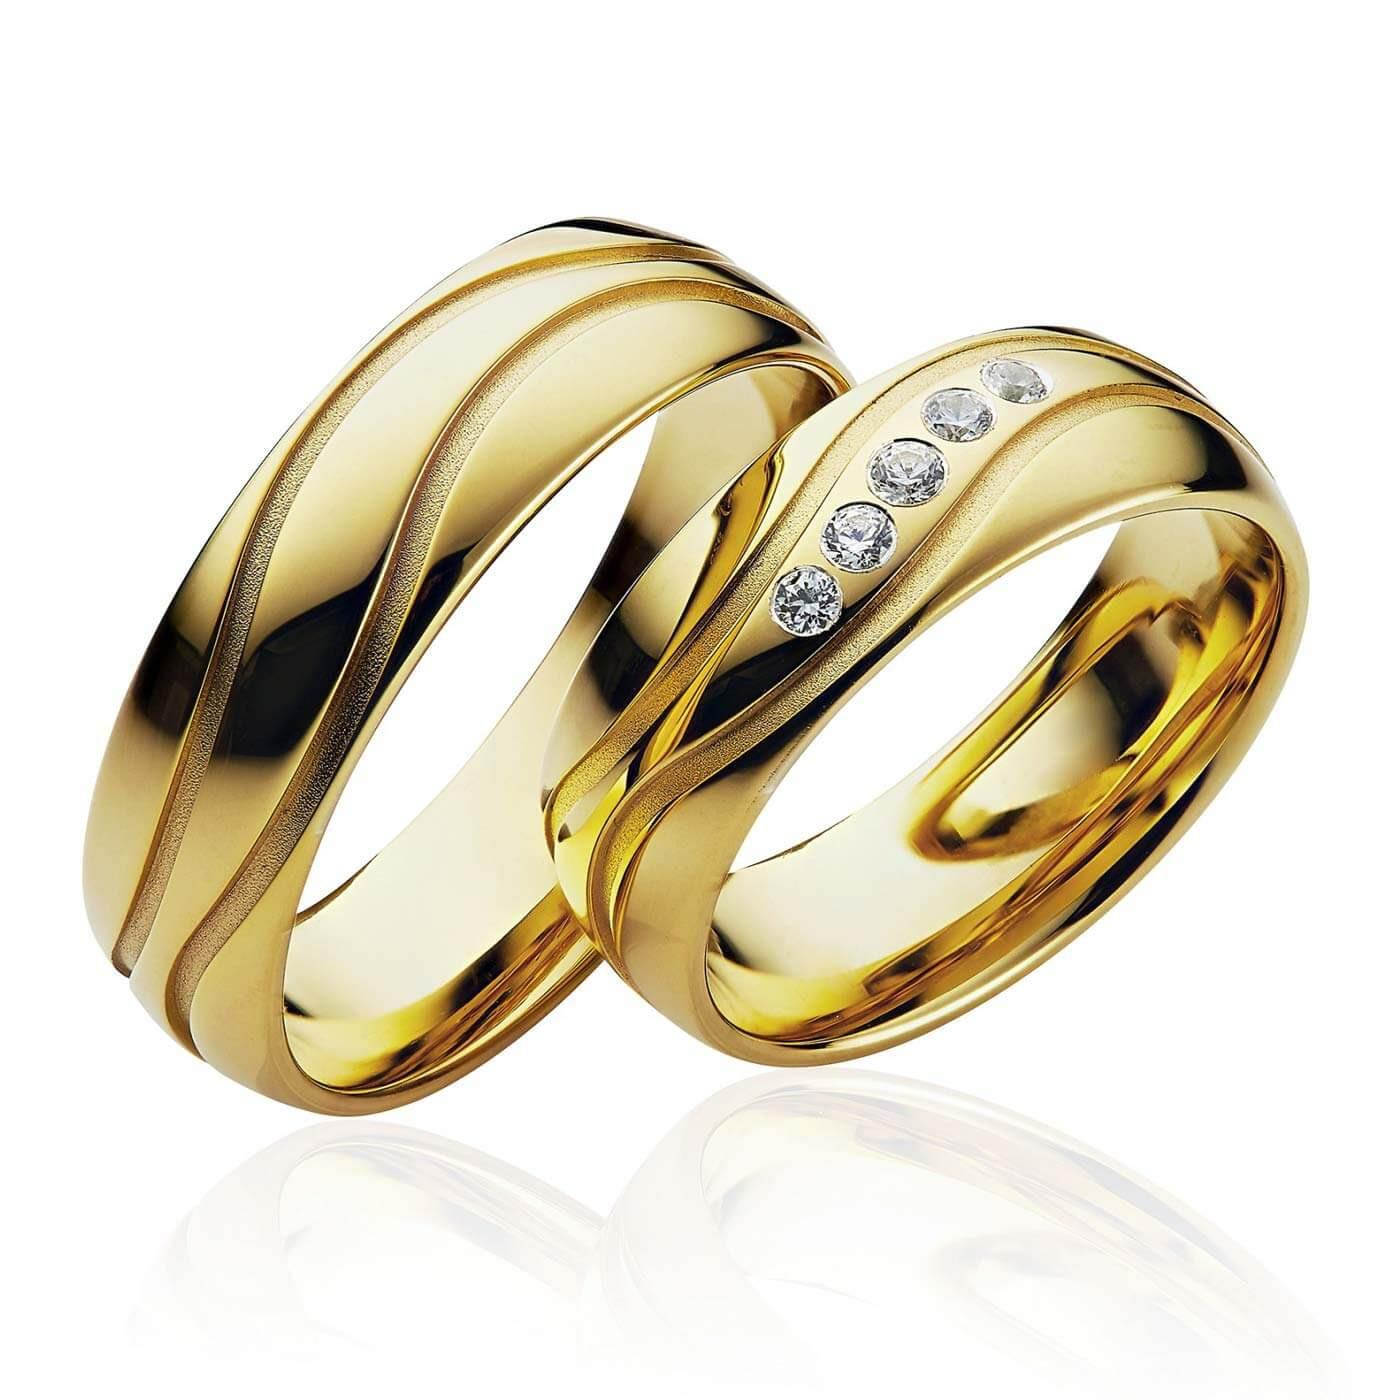 Trauringe Günstig & Geschmackvoll: Die 10 Schönsten Ringe Zu